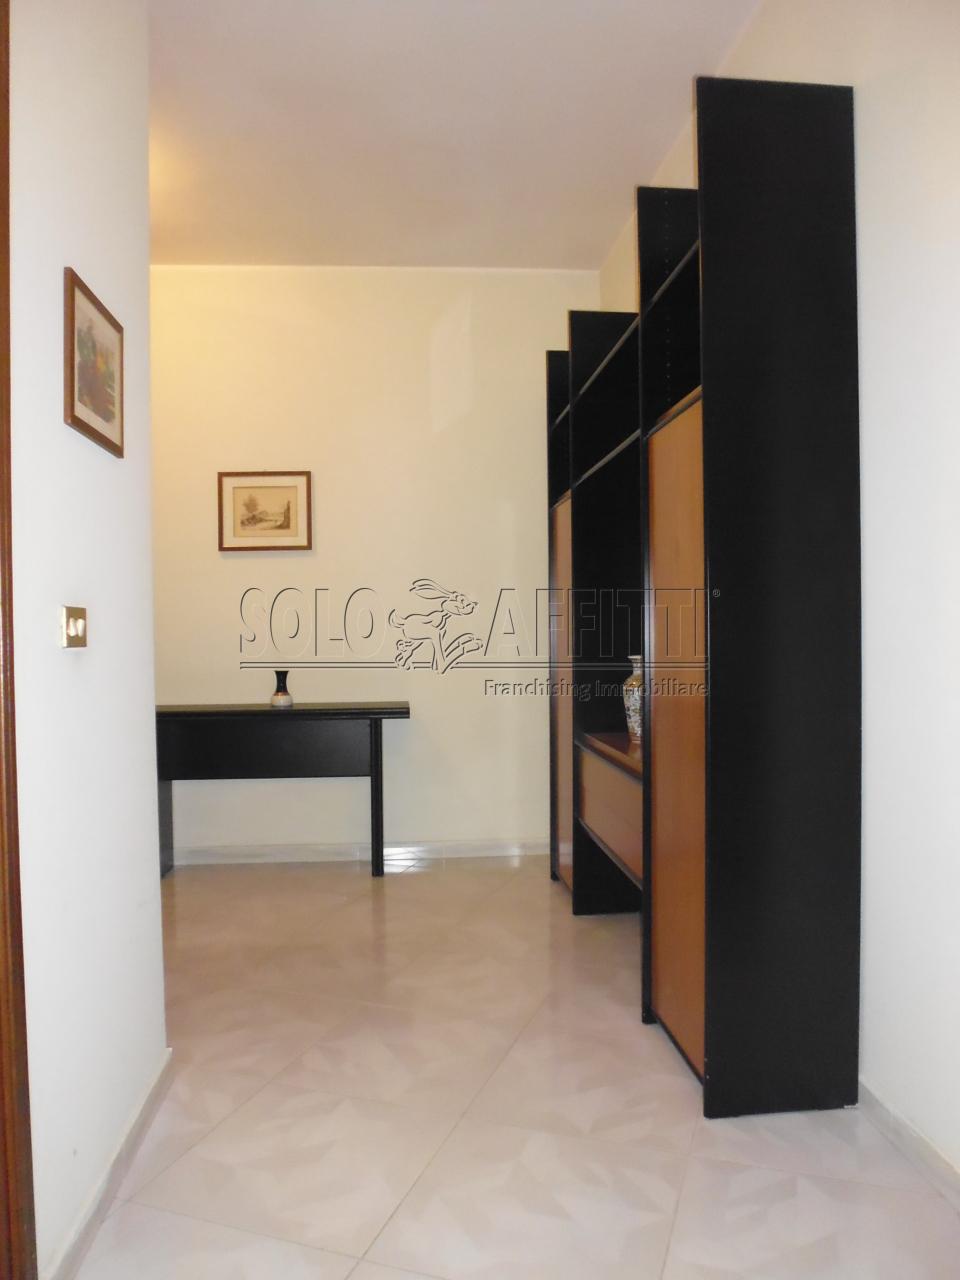 Affitto appartamento bilocale arredato 70 mq for Affitto trani arredato